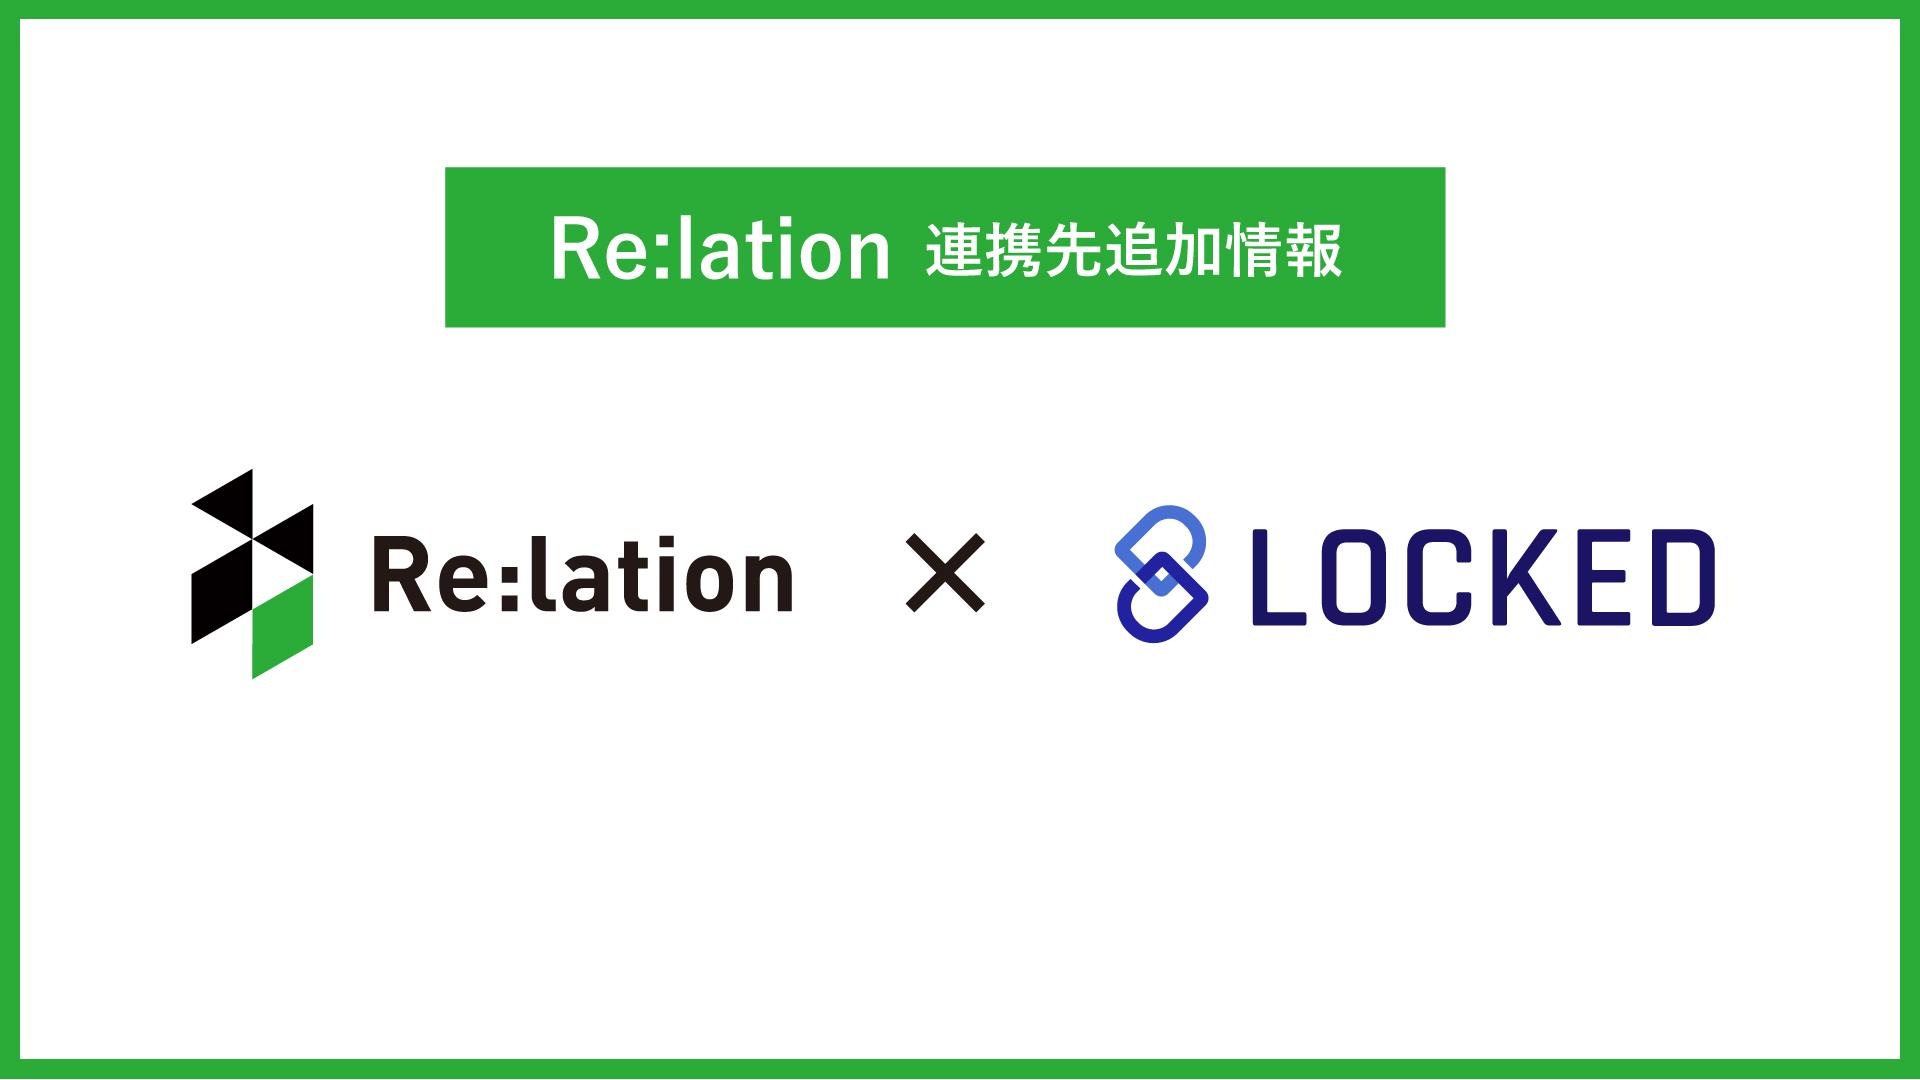 顧客対応クラウド『Re:lation(リレーション)』がソフトウェア管理クラウド『LOCKED』と連携